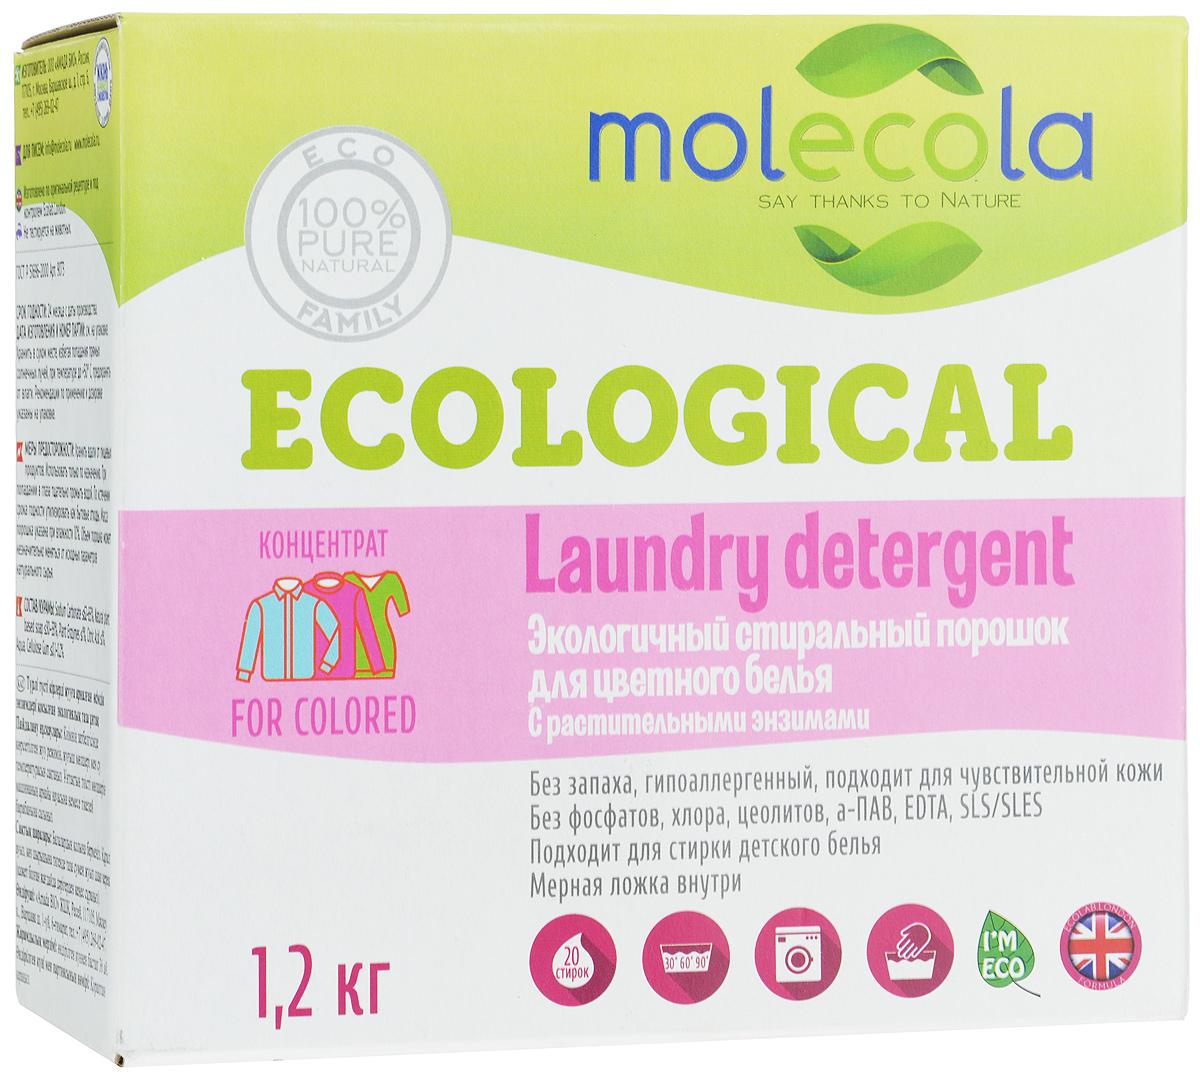 Стиральный порошок Molecola, для цветного белья, с растительными энзимами, 1,2 кг935042Стиральный порошок Molecola эффективно удаляет загрязнения, не повреждая волокна ткани, сохраняет насыщенный цвет и первоначальный внешний вид одежды и белья, обеспечивает защиту от изнашивания.Высокая концентрация натурального мыла обеспечивает эффективную стирку и экономию средства.Рекомендован для стирки детского белья с первых дней жизни и одежды беременных и кормящих женщин, а так же людей, имеющих аллергическую реакцию на средства бытовой химии. Стиральный порошок Molecola защищает стиральную машину от накипи, не наносит вреда окружающей среде, полностью биоразлагаем. Не содержит оптического отбеливателя, фосфатов, хлора, цеолитов, а-ПАВ, EDTA, SLS/SLES, искусственных красителей и синтетических ароматизаторов.В коробке находится мерная ложка.Подходит для стиральных машин любого типа и ручной стирки.Предназначен для стирки хлопчатобумажных, льняных тканей, изделий из вискозы и искусственных волокон.Рекомендуемая температура стирки не менее +30°С.Состав: Sodium carbonate <=62-65%, Natural plant based soap =<30-33%, Plant Enzymes <=1%, Citric Acid <=1%, Aqua, Celluolose Gum <=0,1-02%.